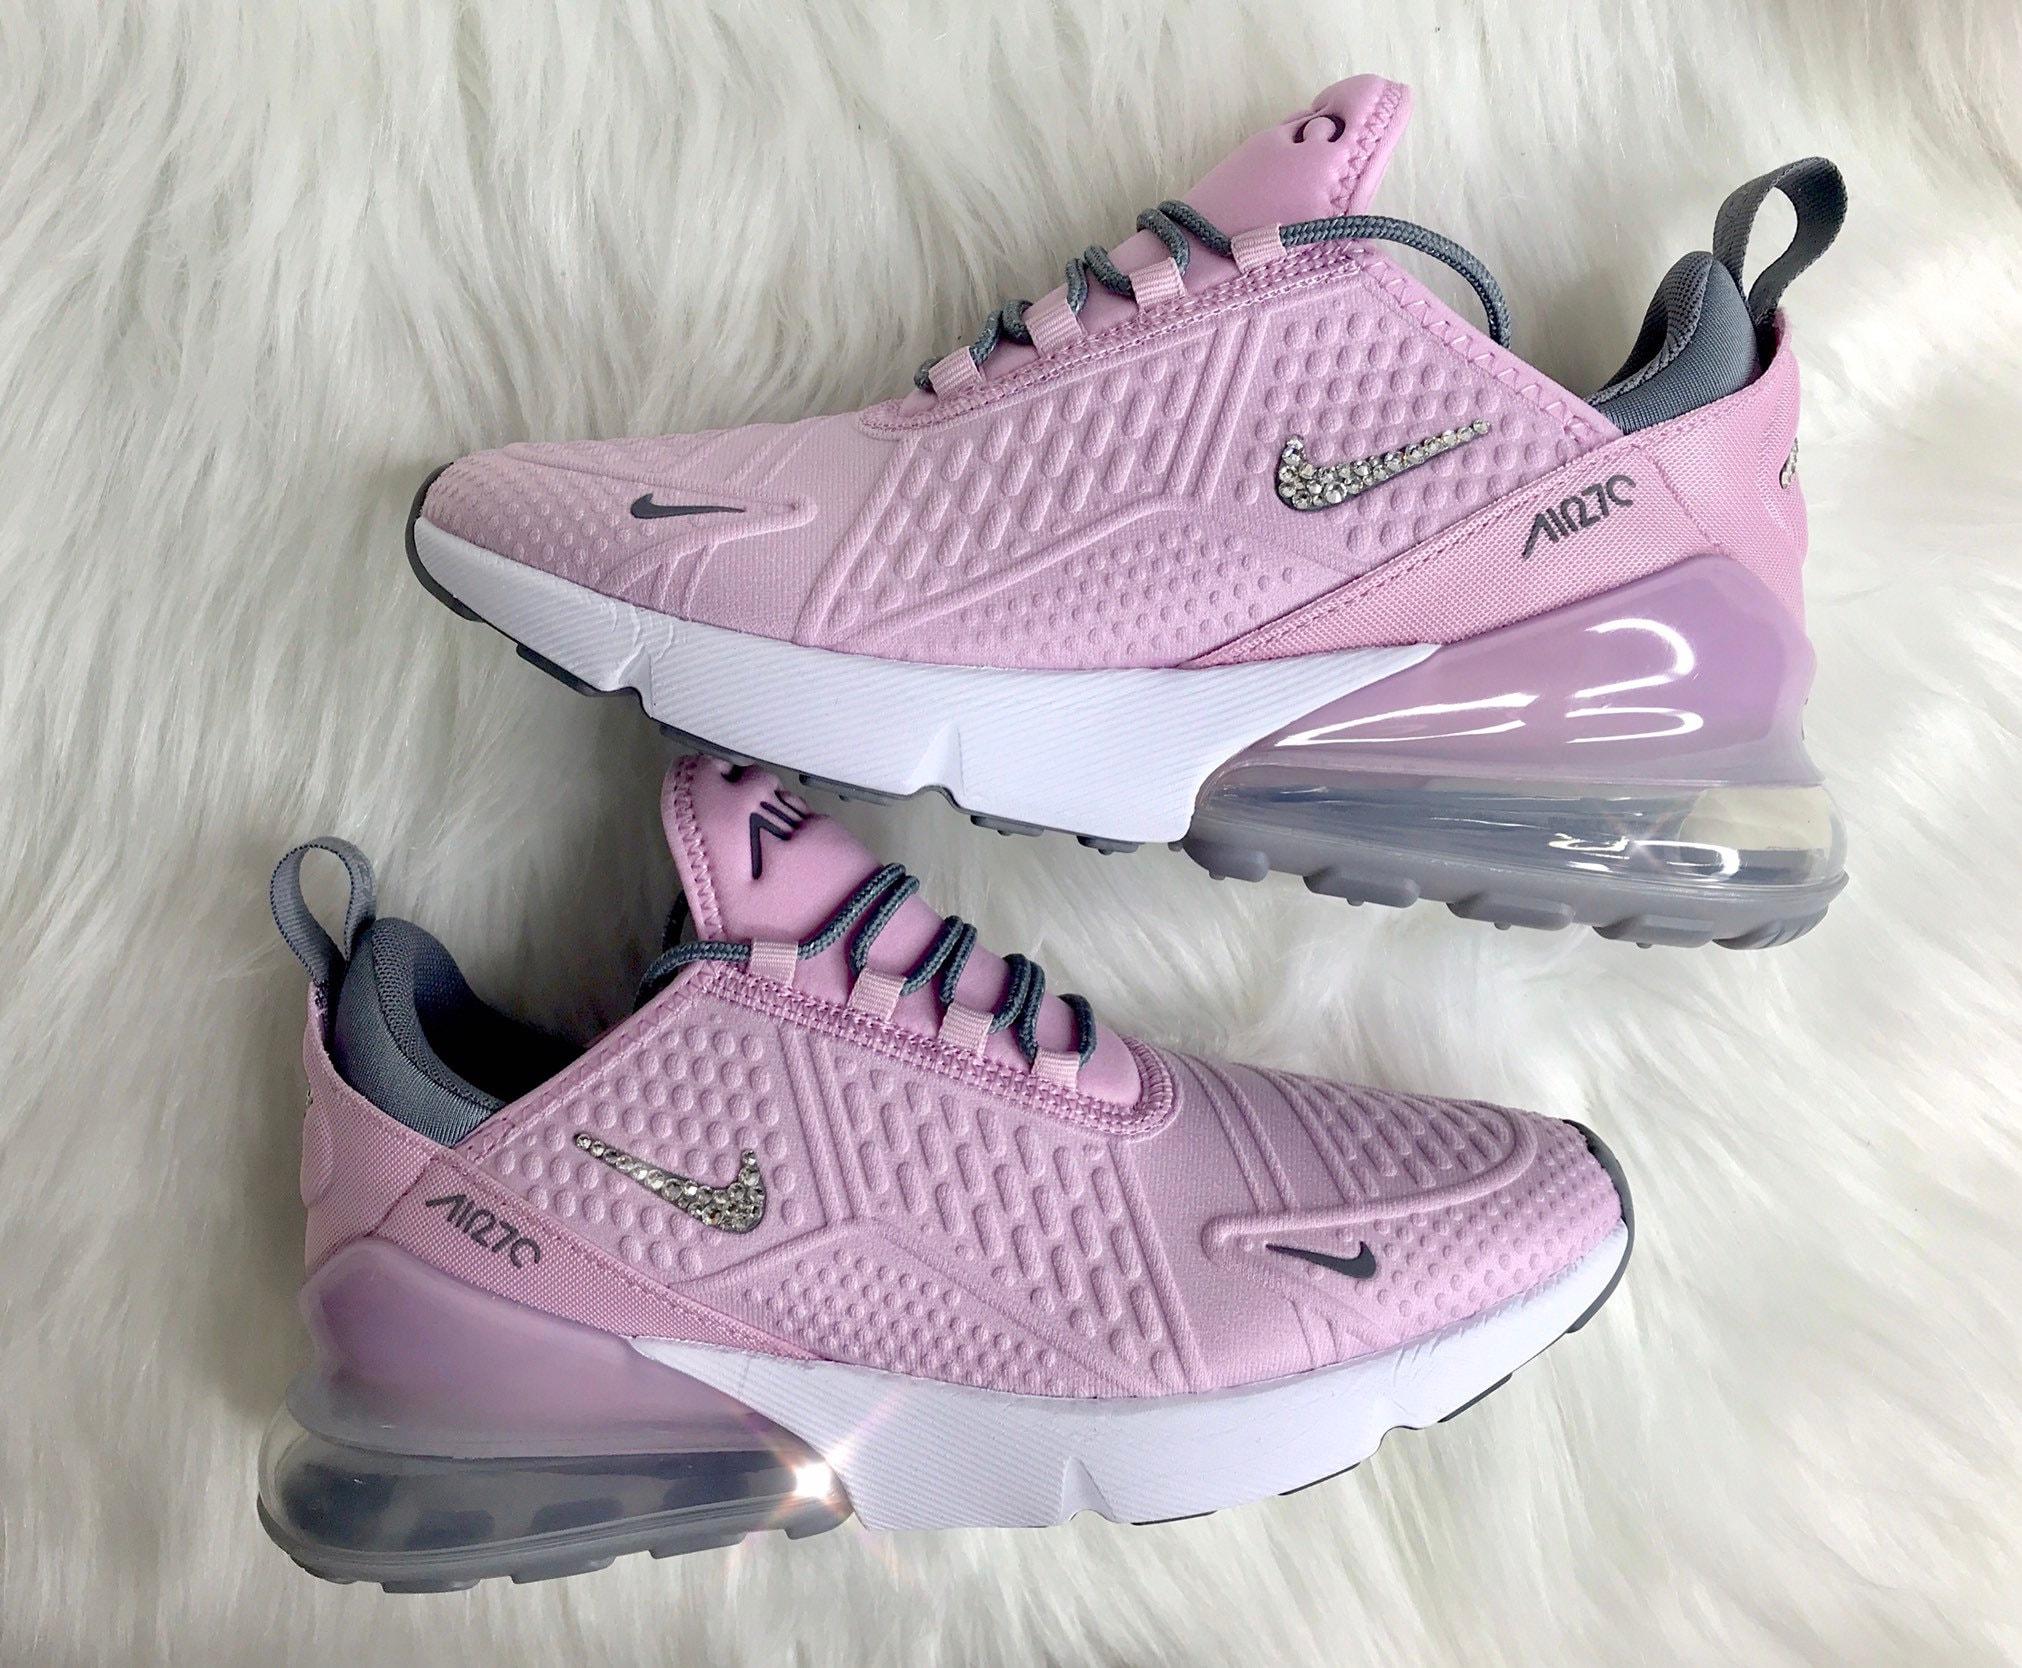 Swarovski Pink Nike Air Max 270 Bling Women s Girl s  783fbbbb36